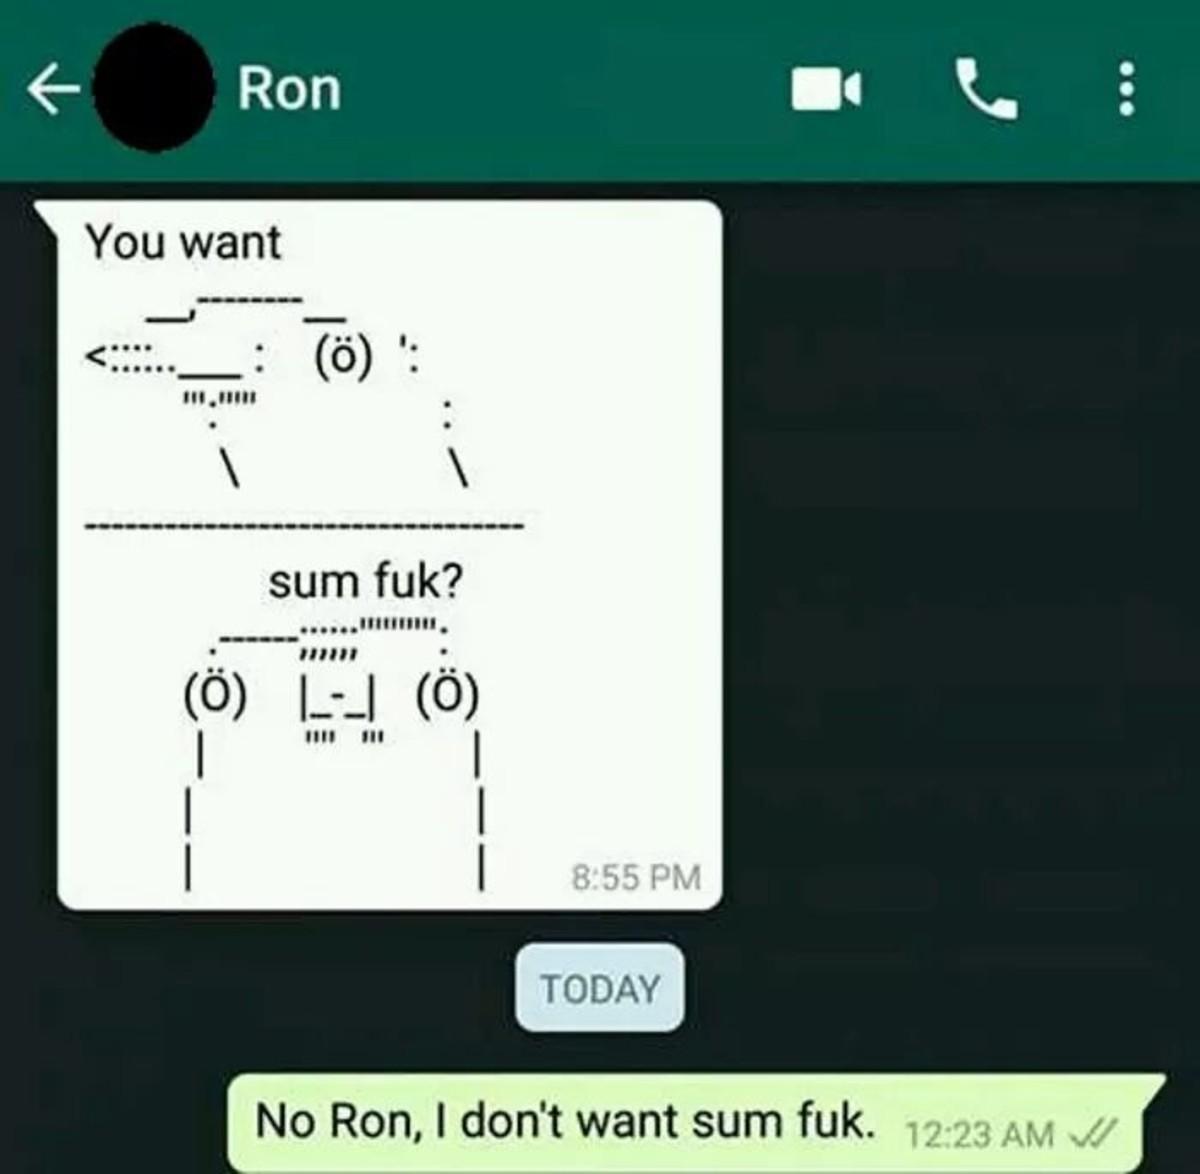 Smash. .. Ben is a hoe